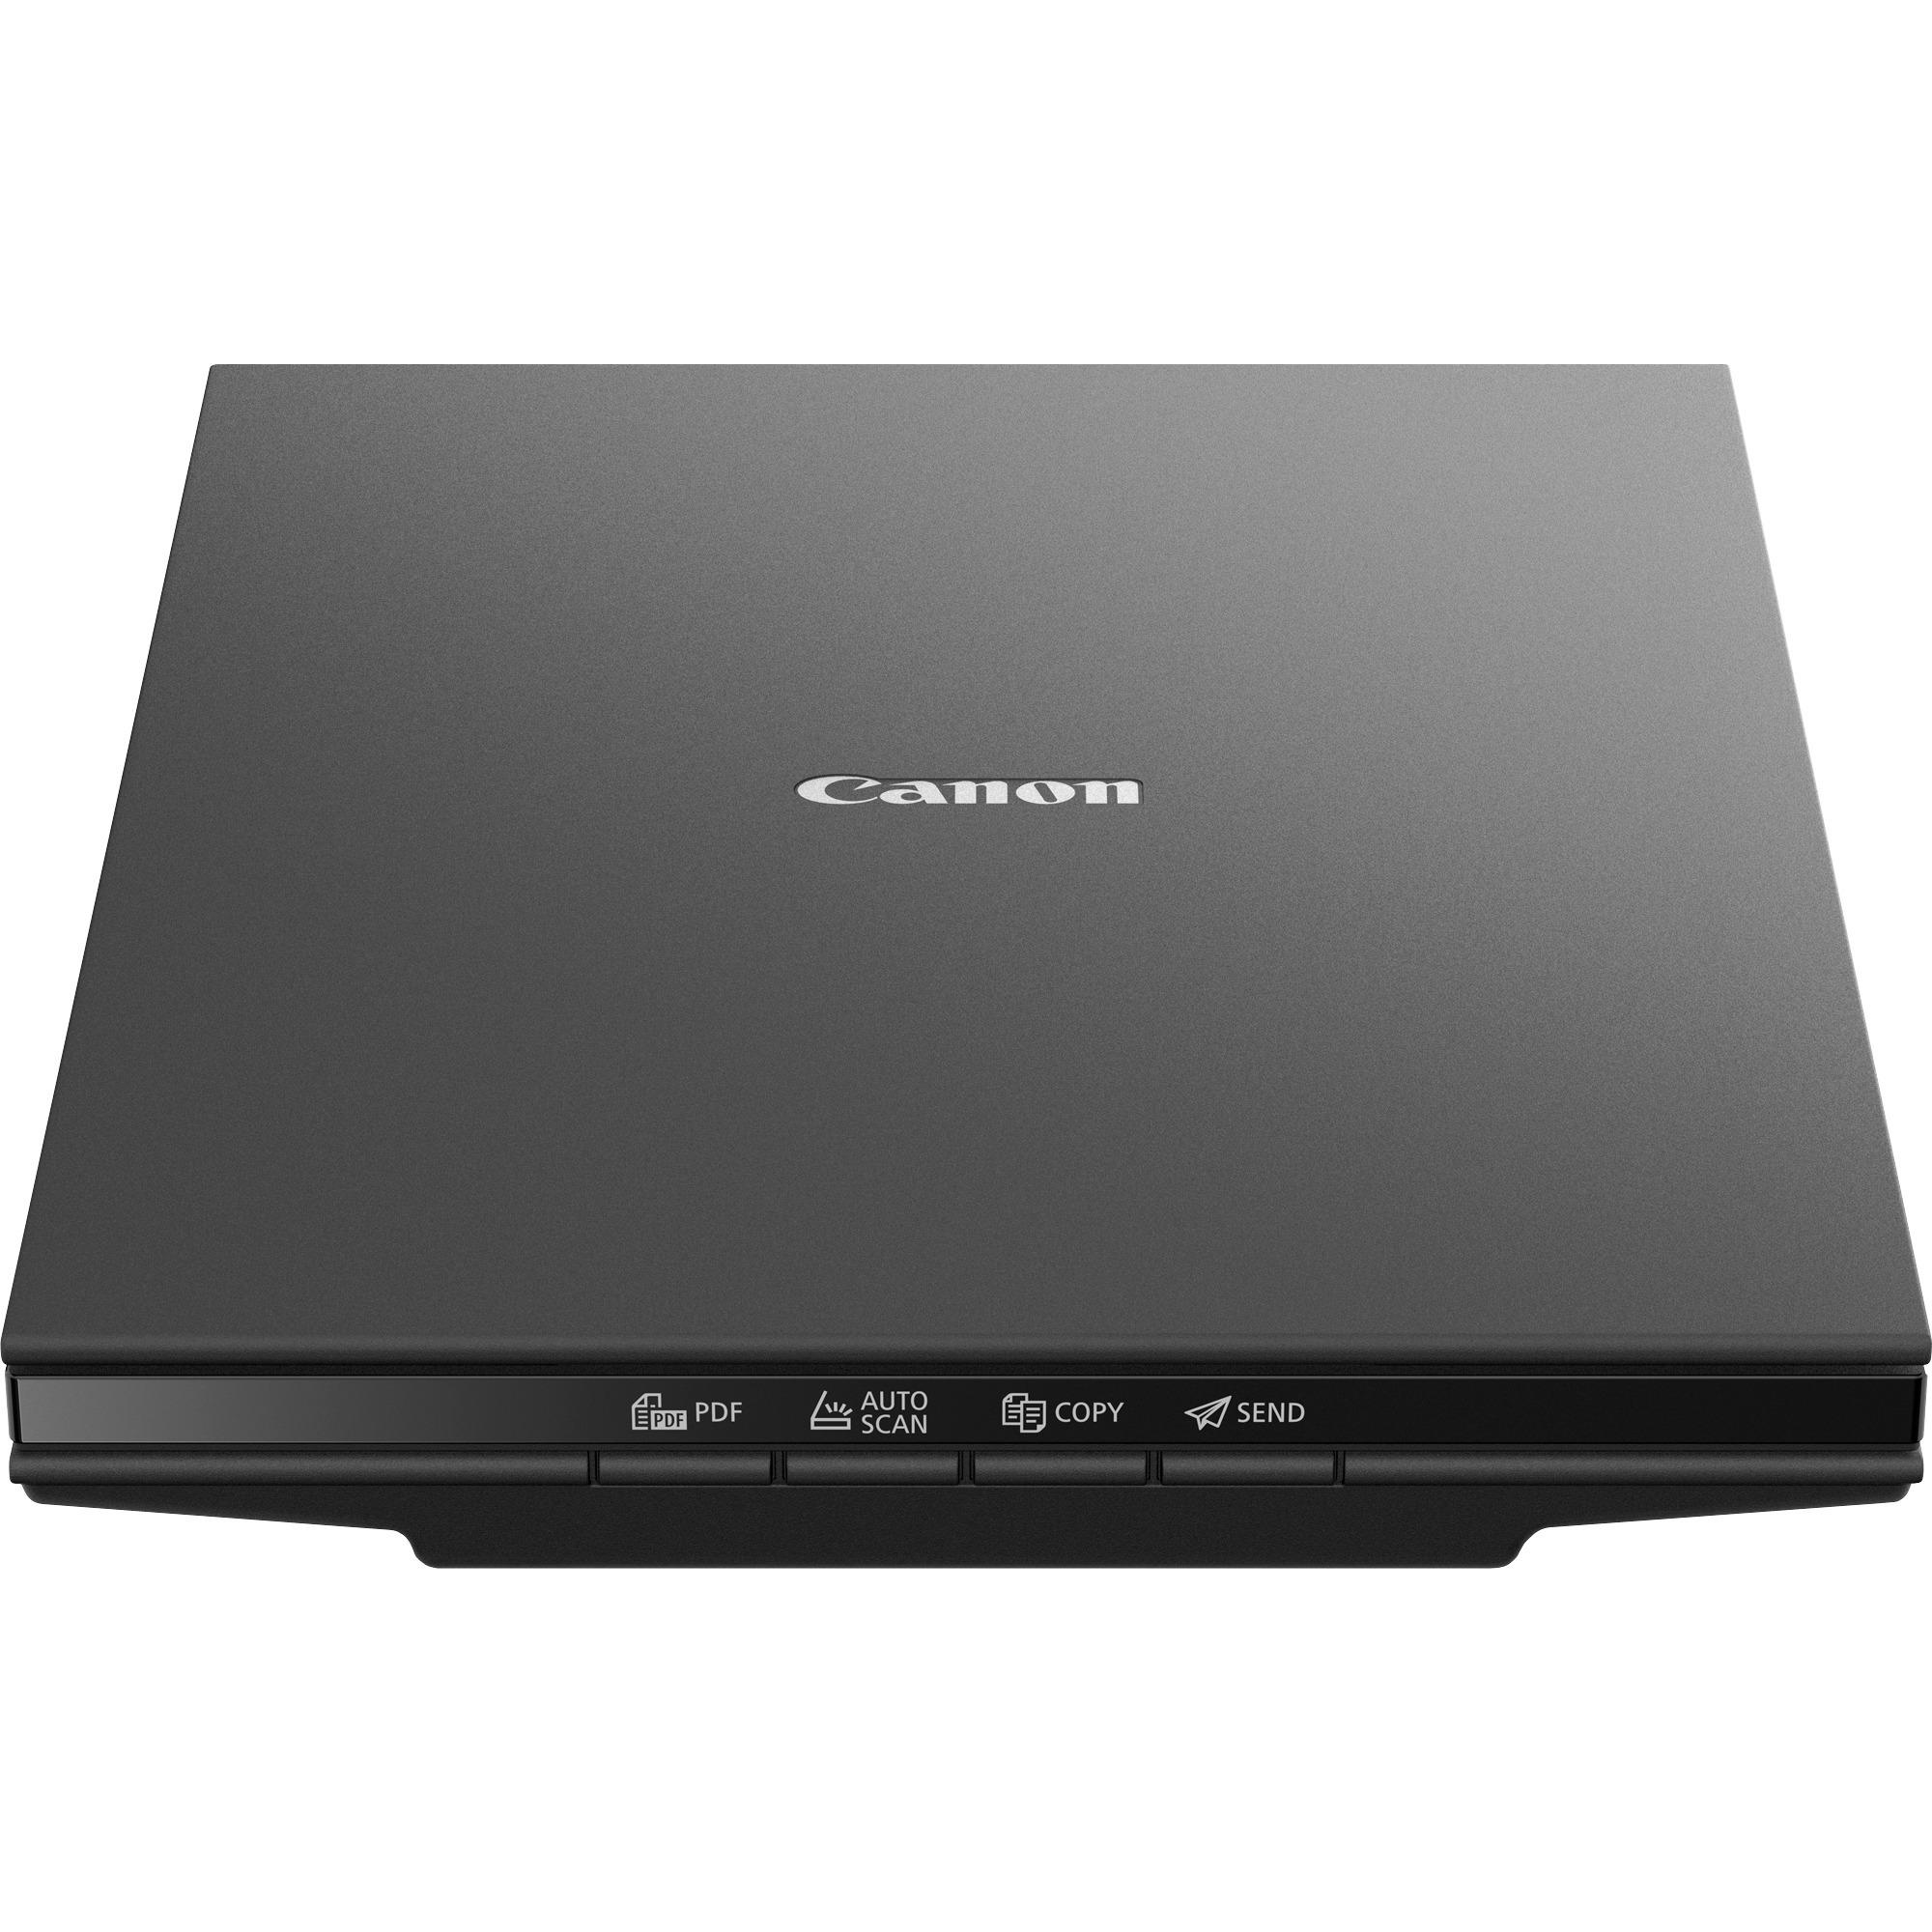 CanoScan LiDE 300 2400 x 4800 DPI Escáner de cama plana Negro A4, Escáner plano